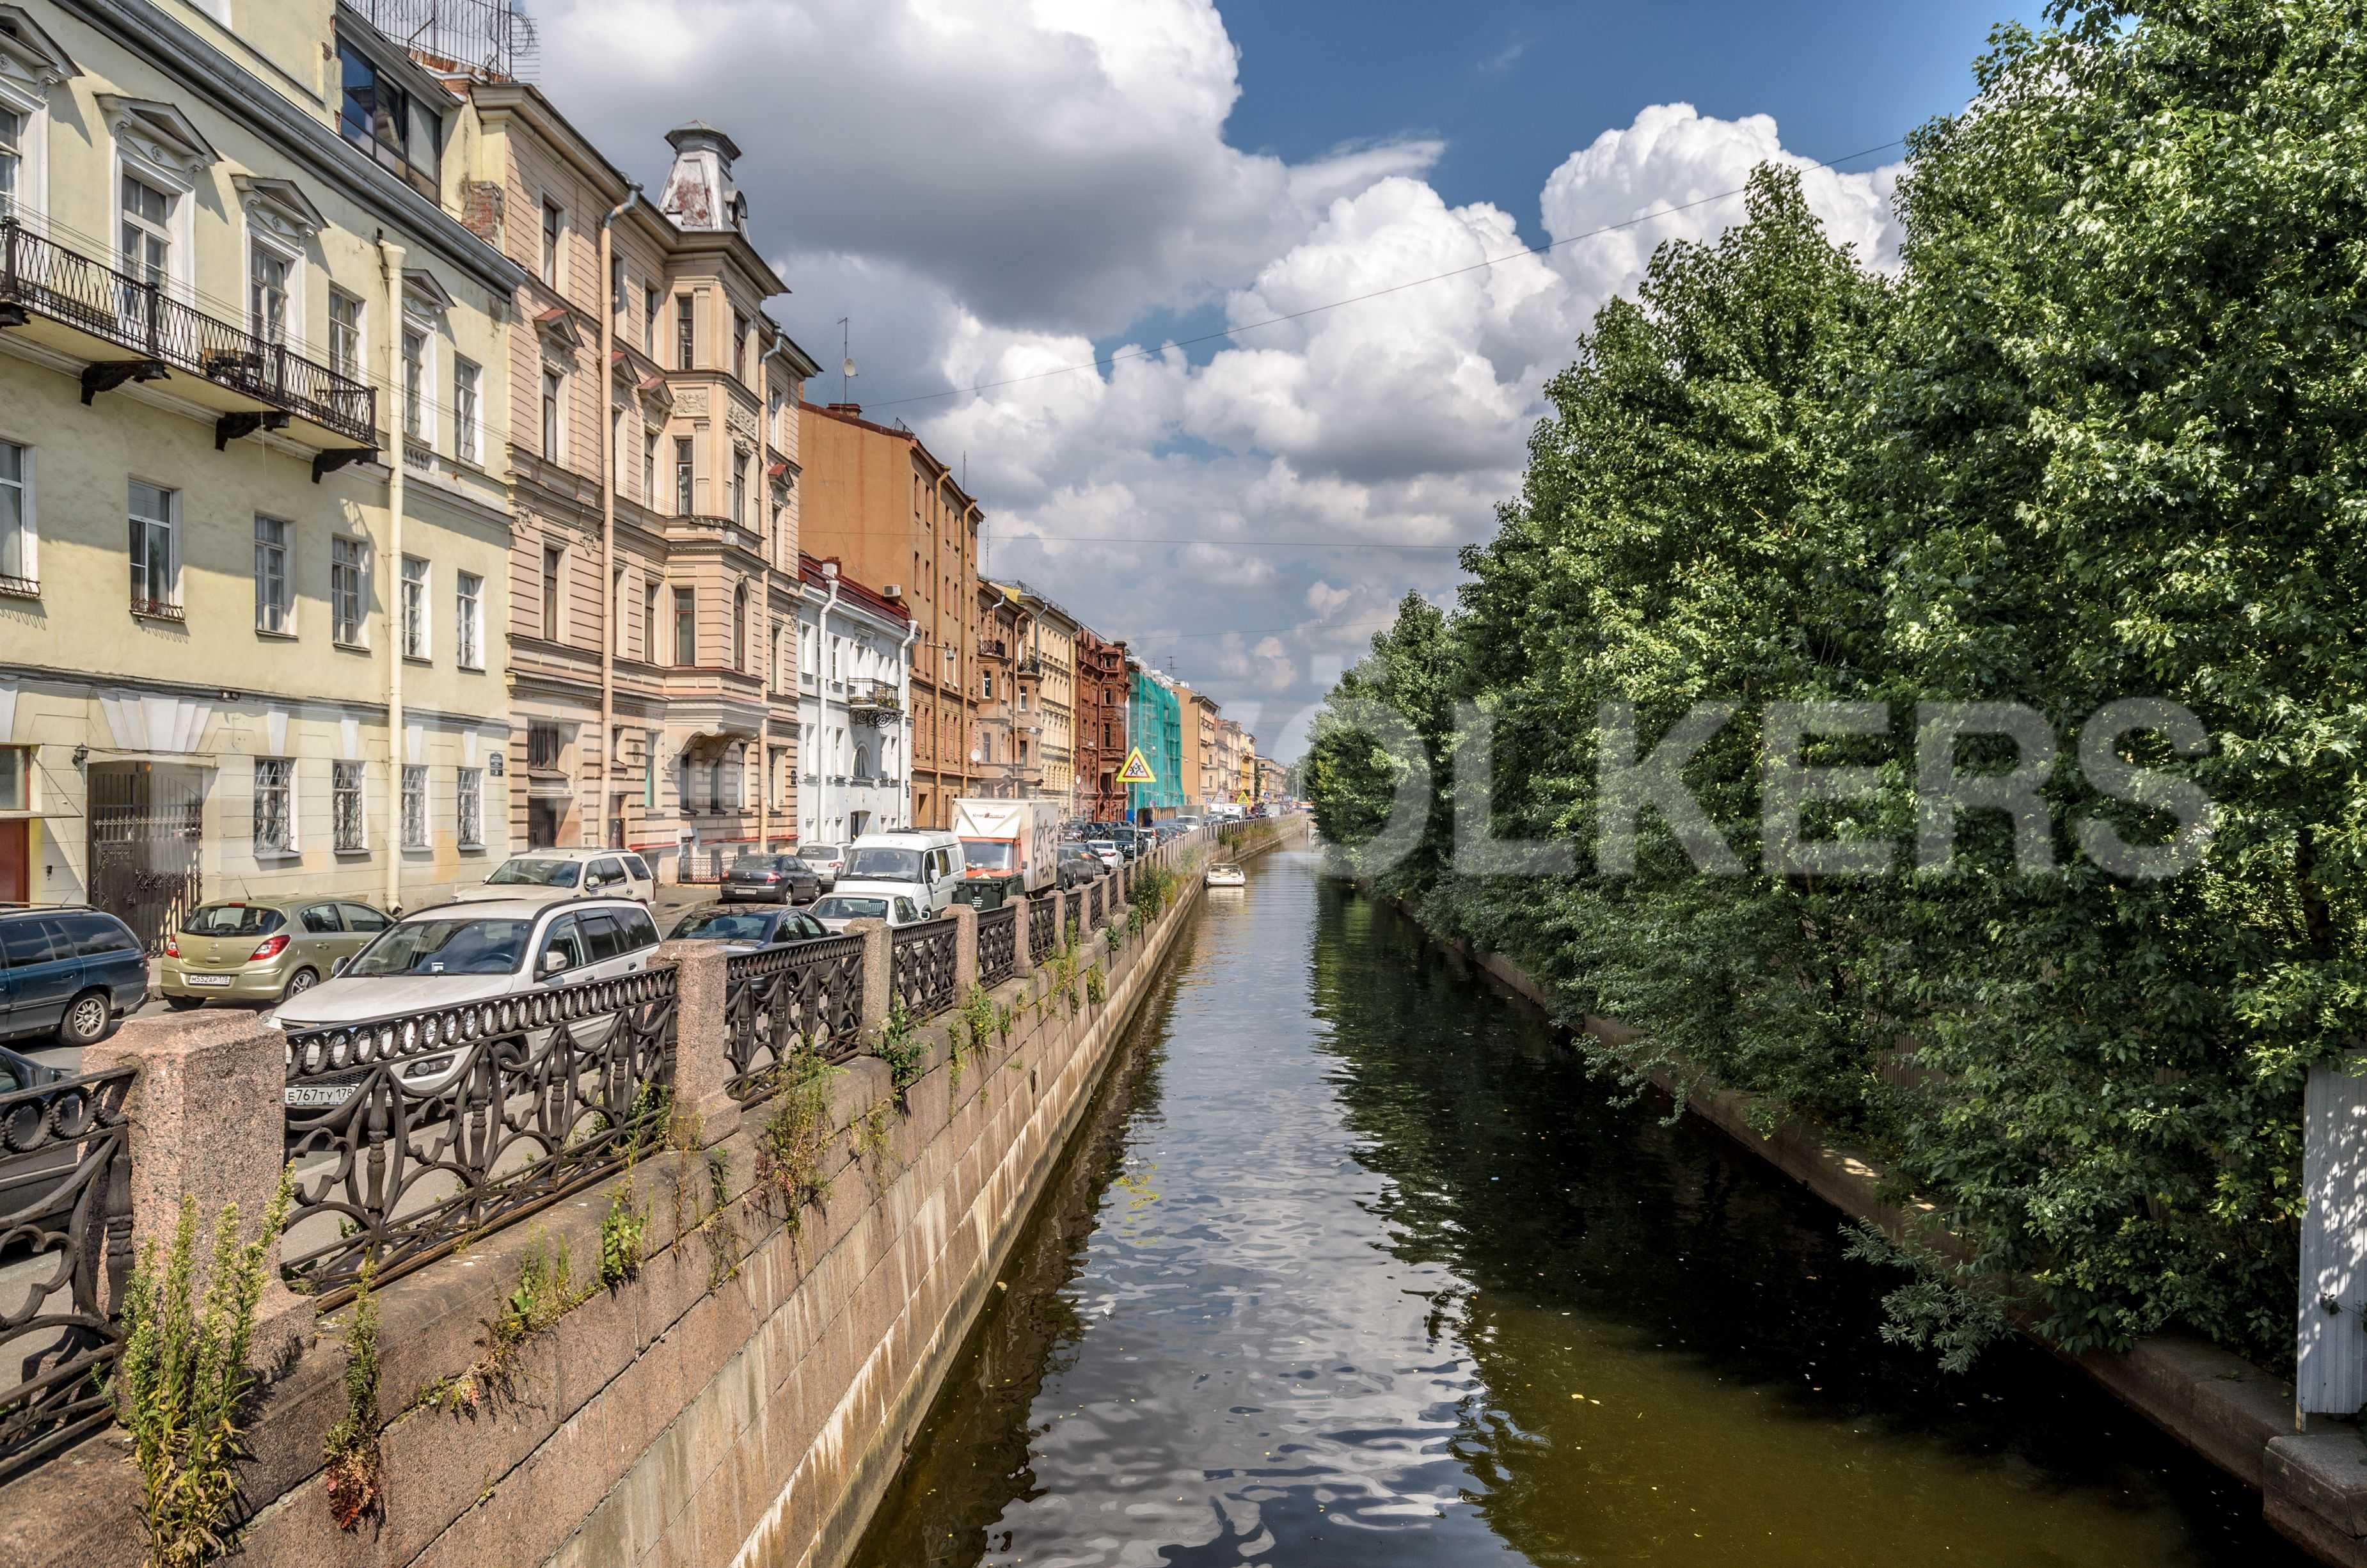 Элитные квартиры в Центральном районе. Санкт-Петербург, наб. Адмиралтейского канала, 15. Адмиралтейский канал